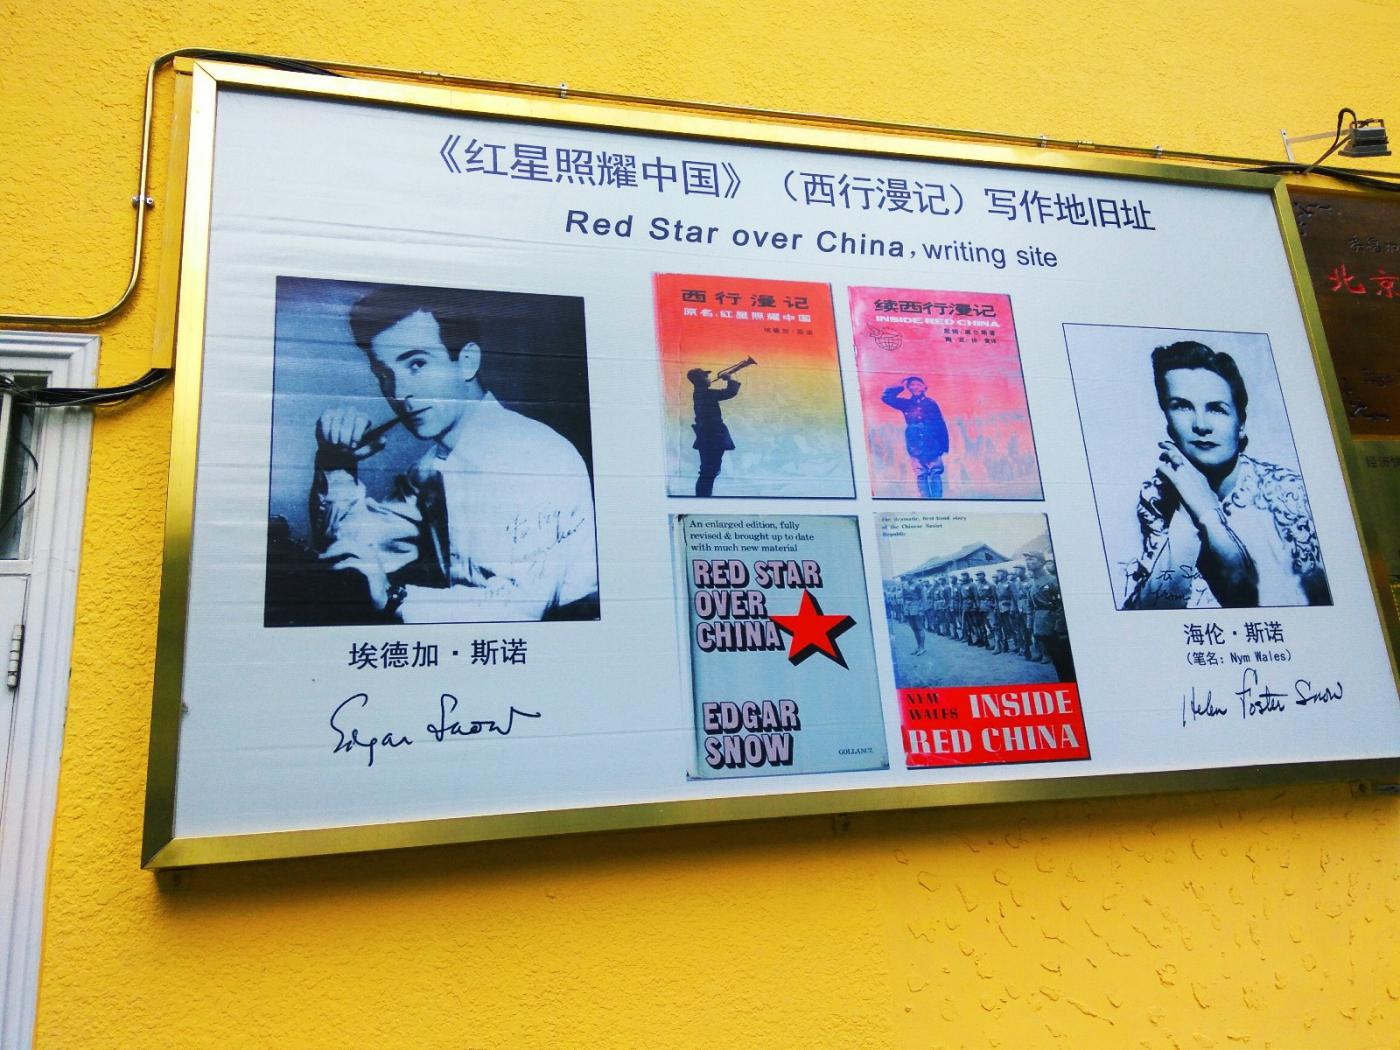 埃德加·斯诺北京居住地旧址(图)_图1-15